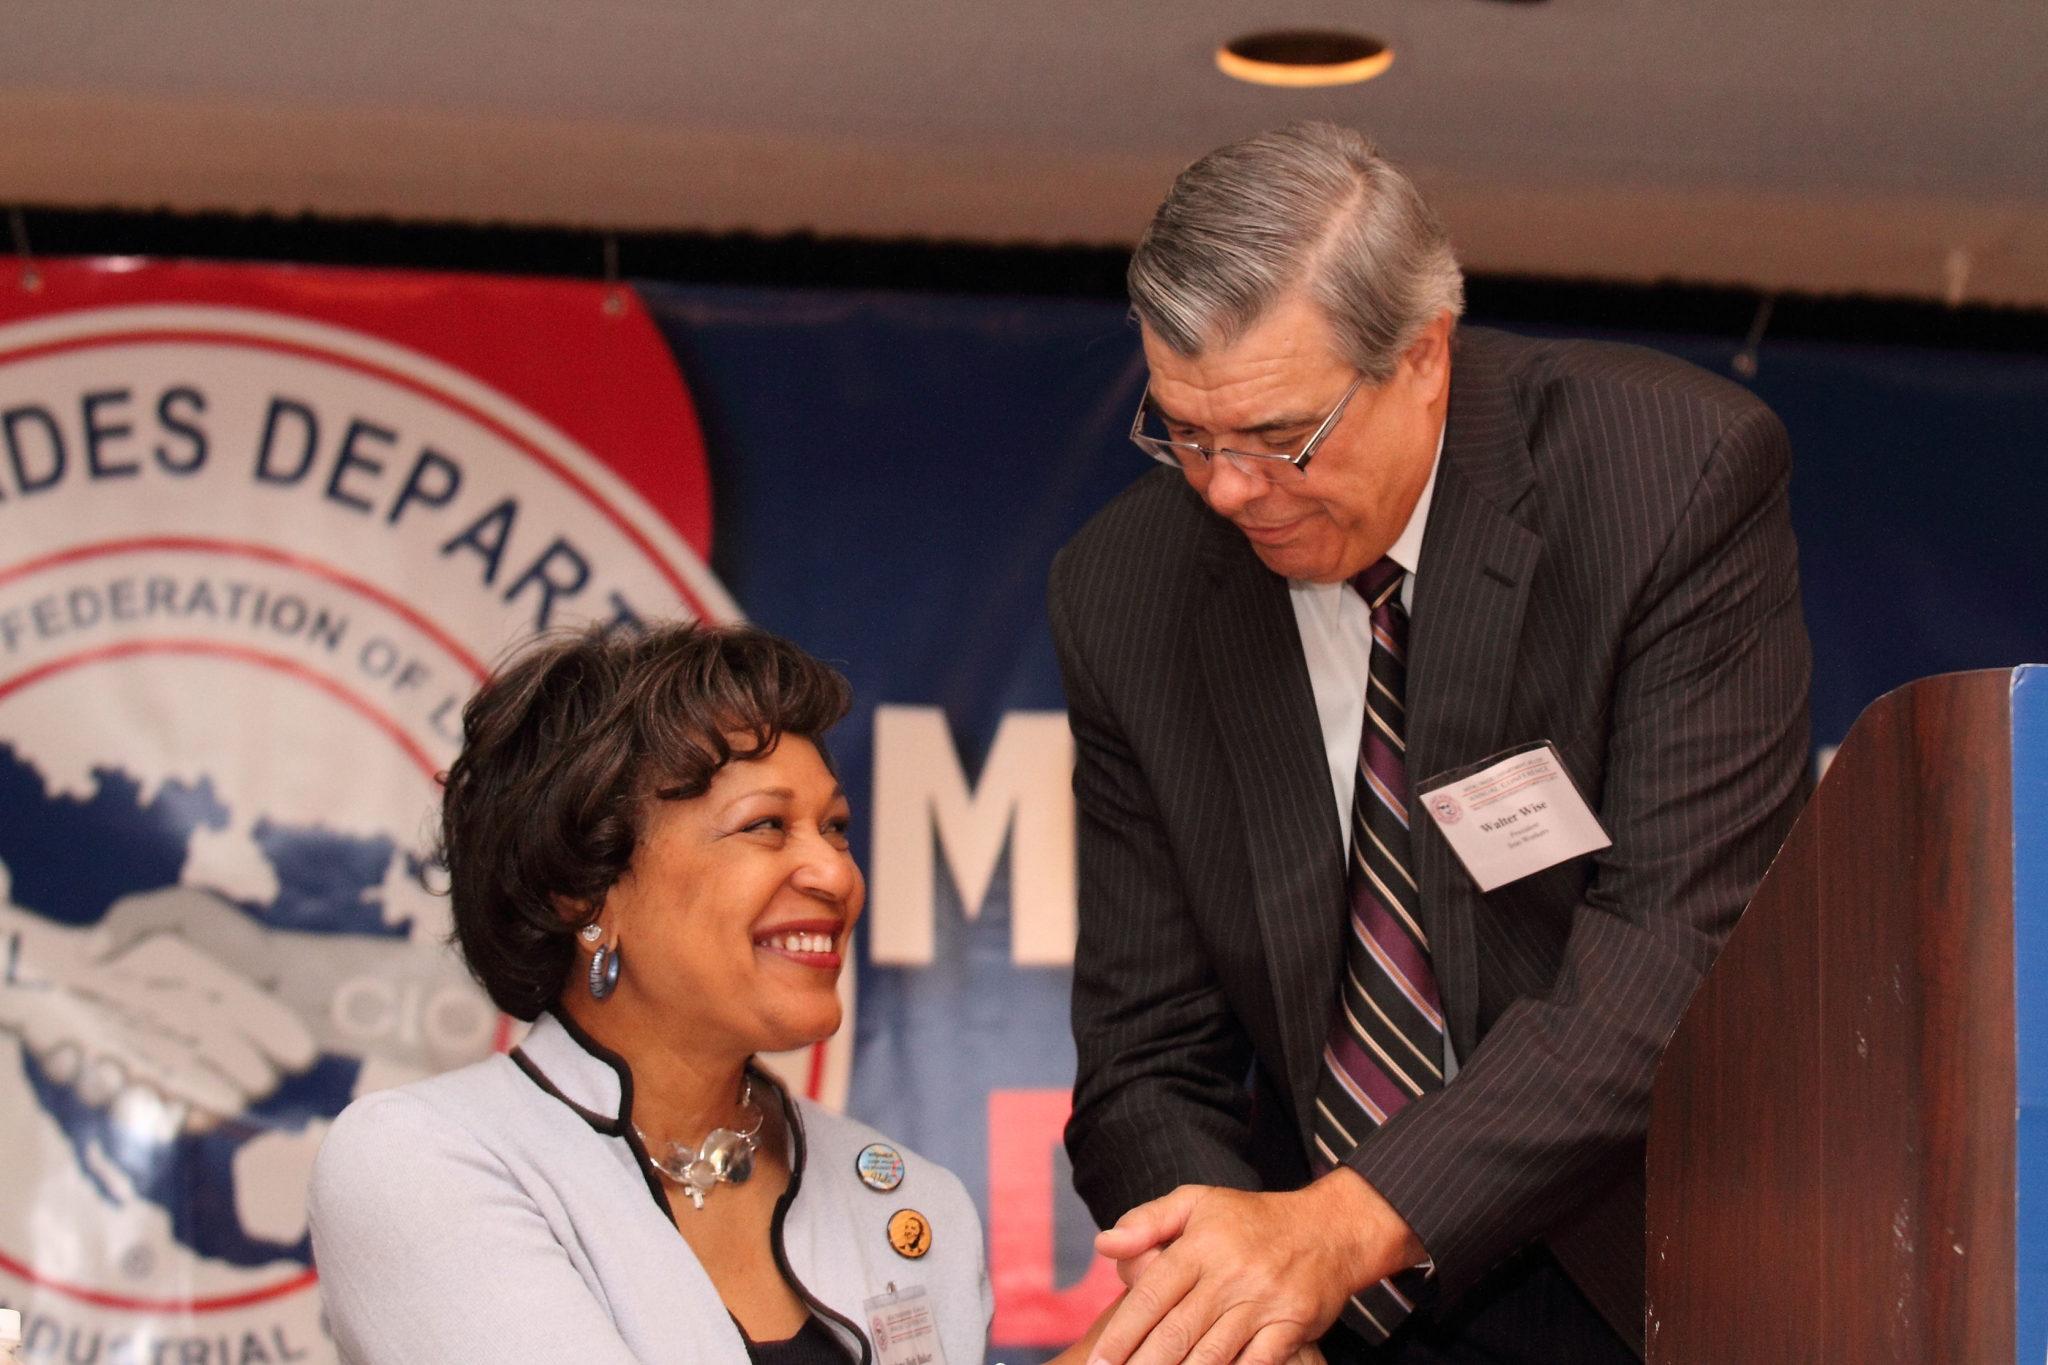 Arlene Holt Baker, AFL-CIO  and Walt Wise